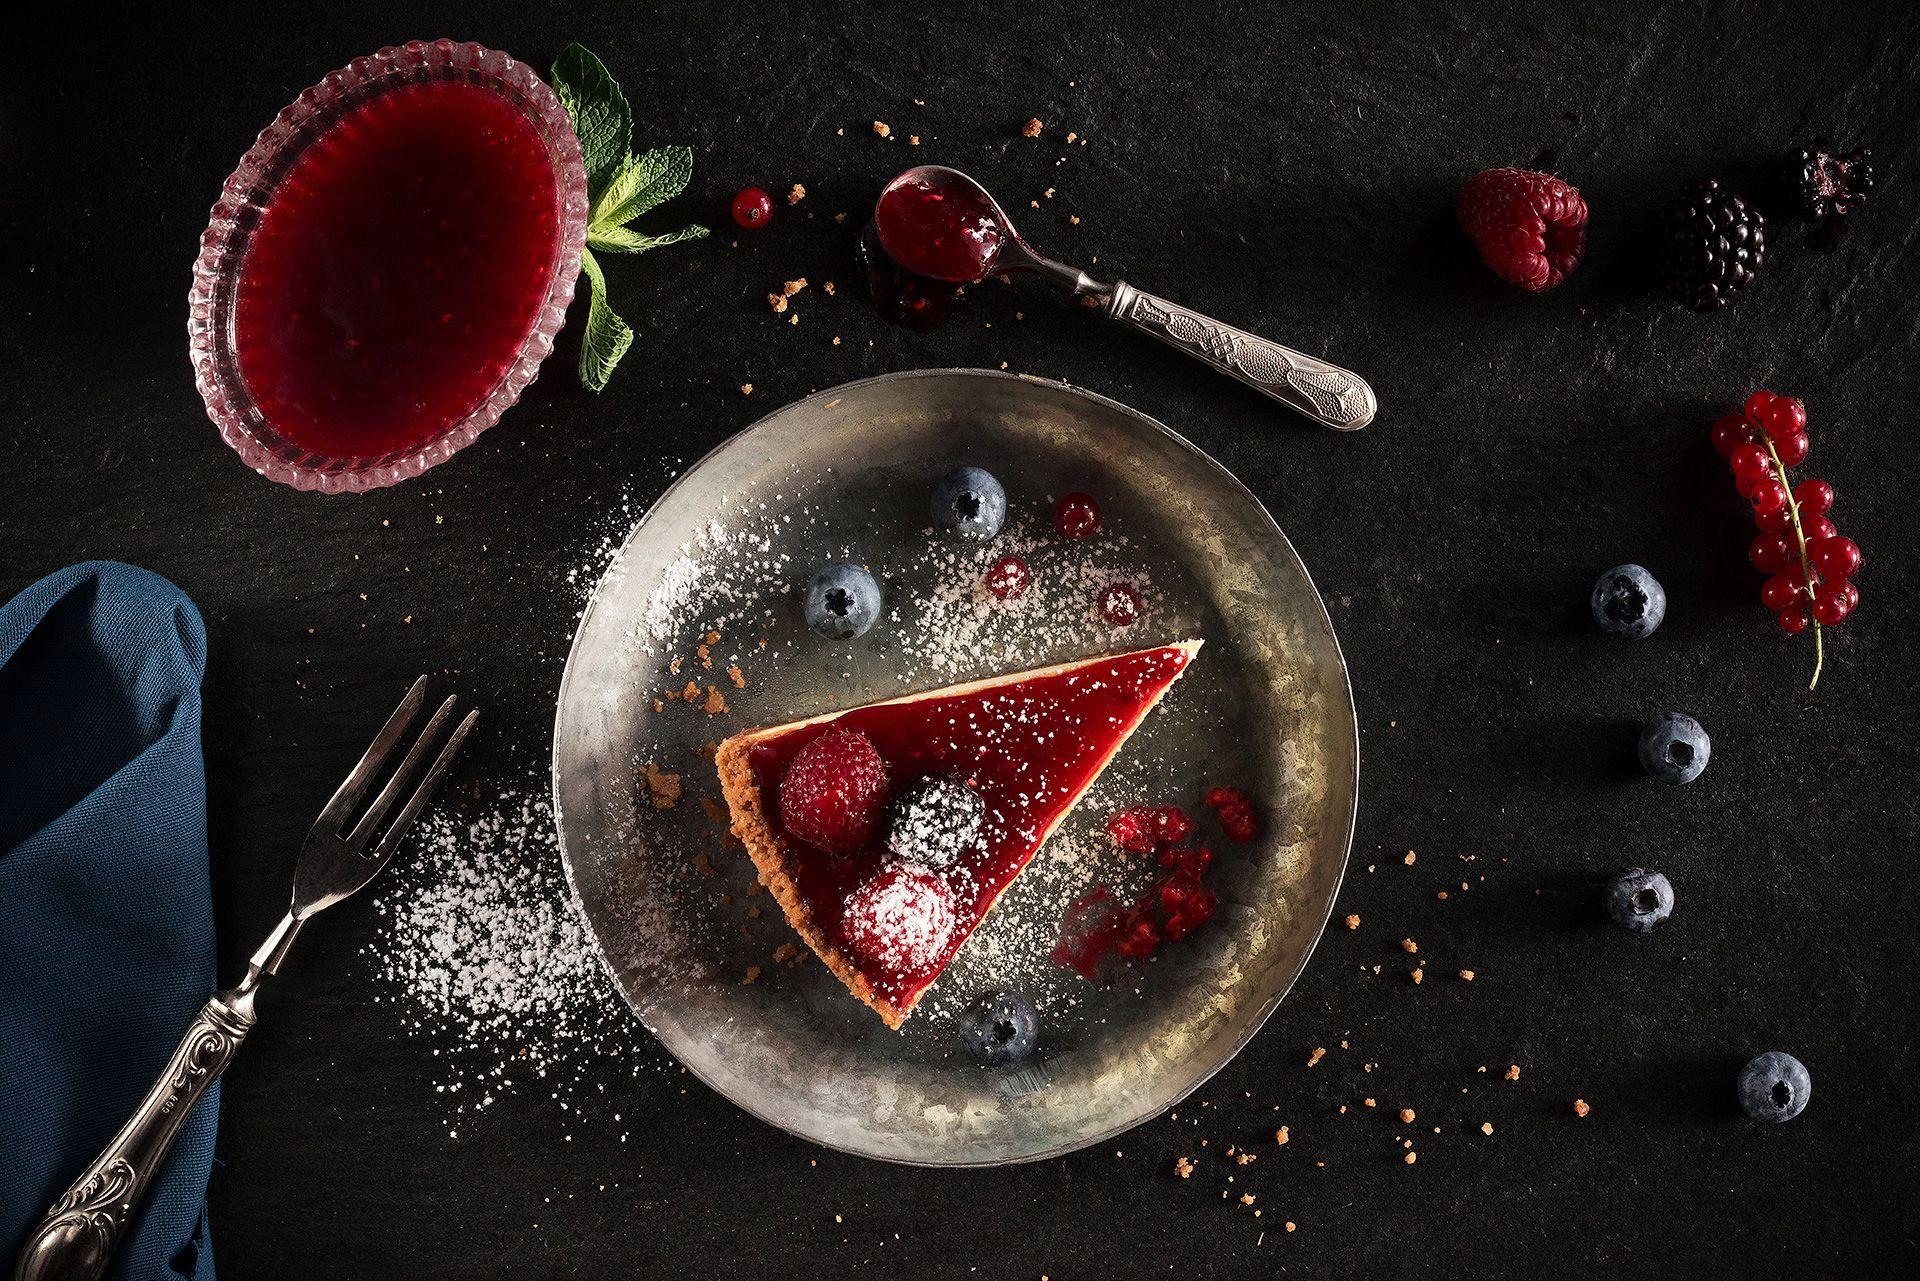 Fotografo cibo cheesecake